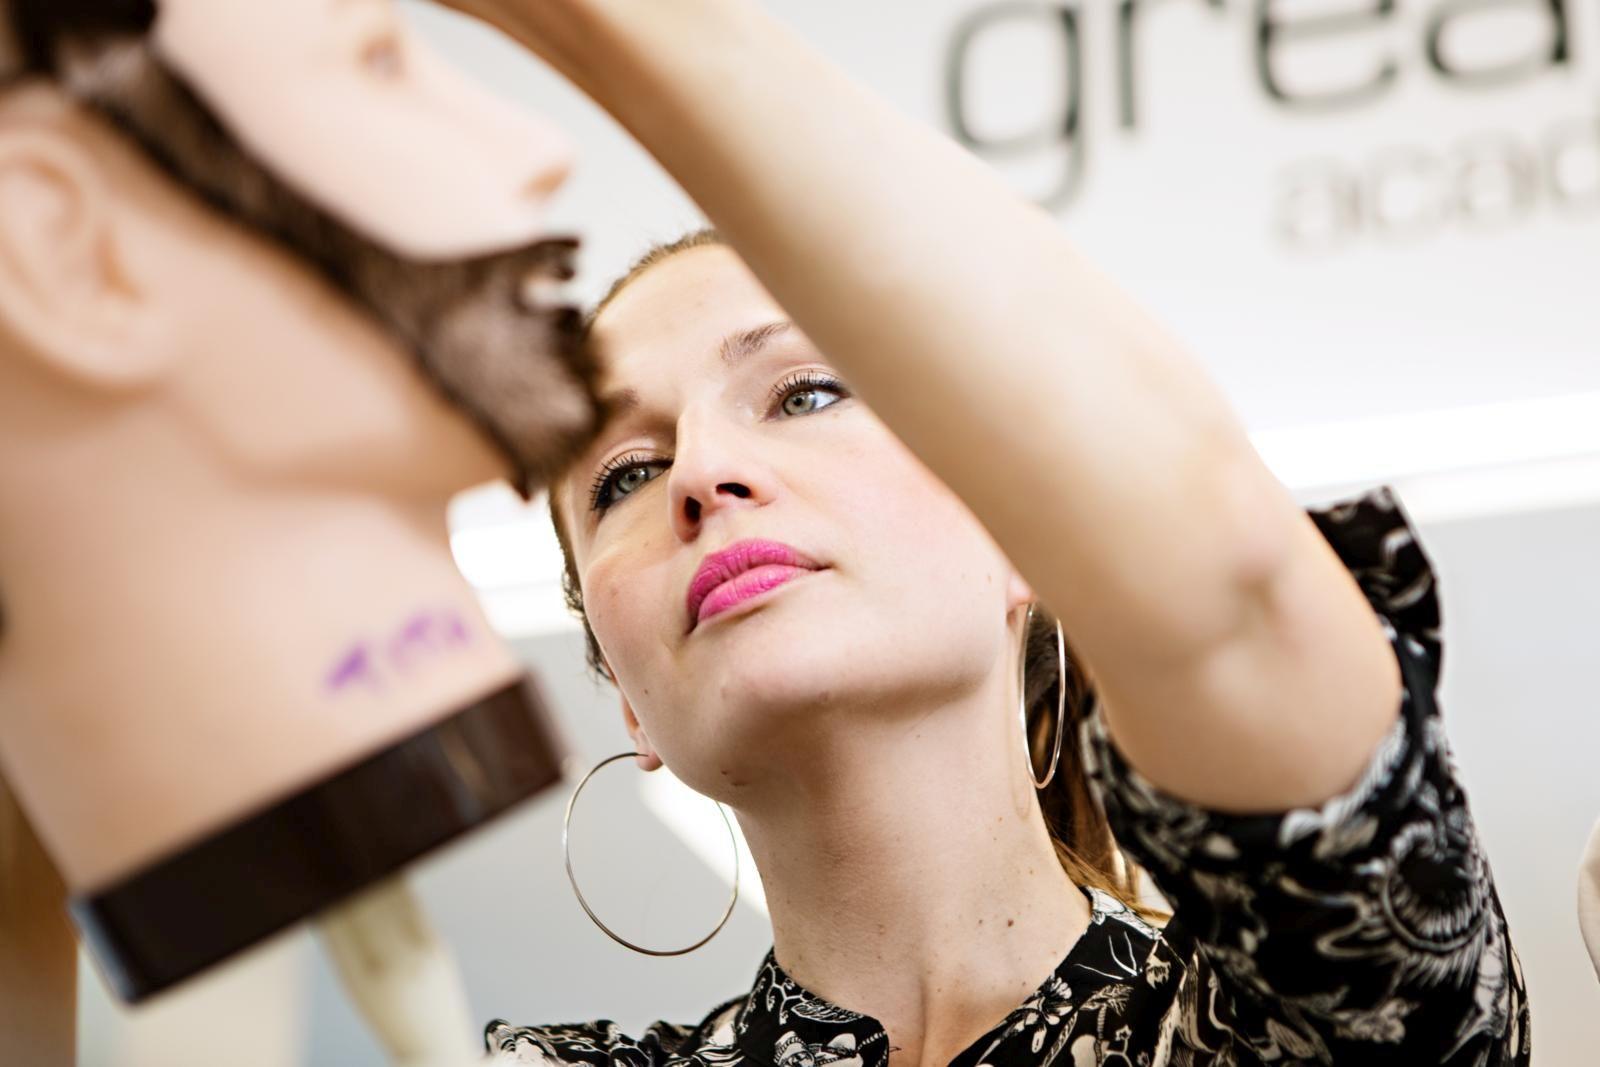 Meikkauksen ammattilainen Titta Tervola voi jatkossa tarjota asiakkailleen myös hiusten leikkausta tai kampauksia. Kuva: Eeva Anundi